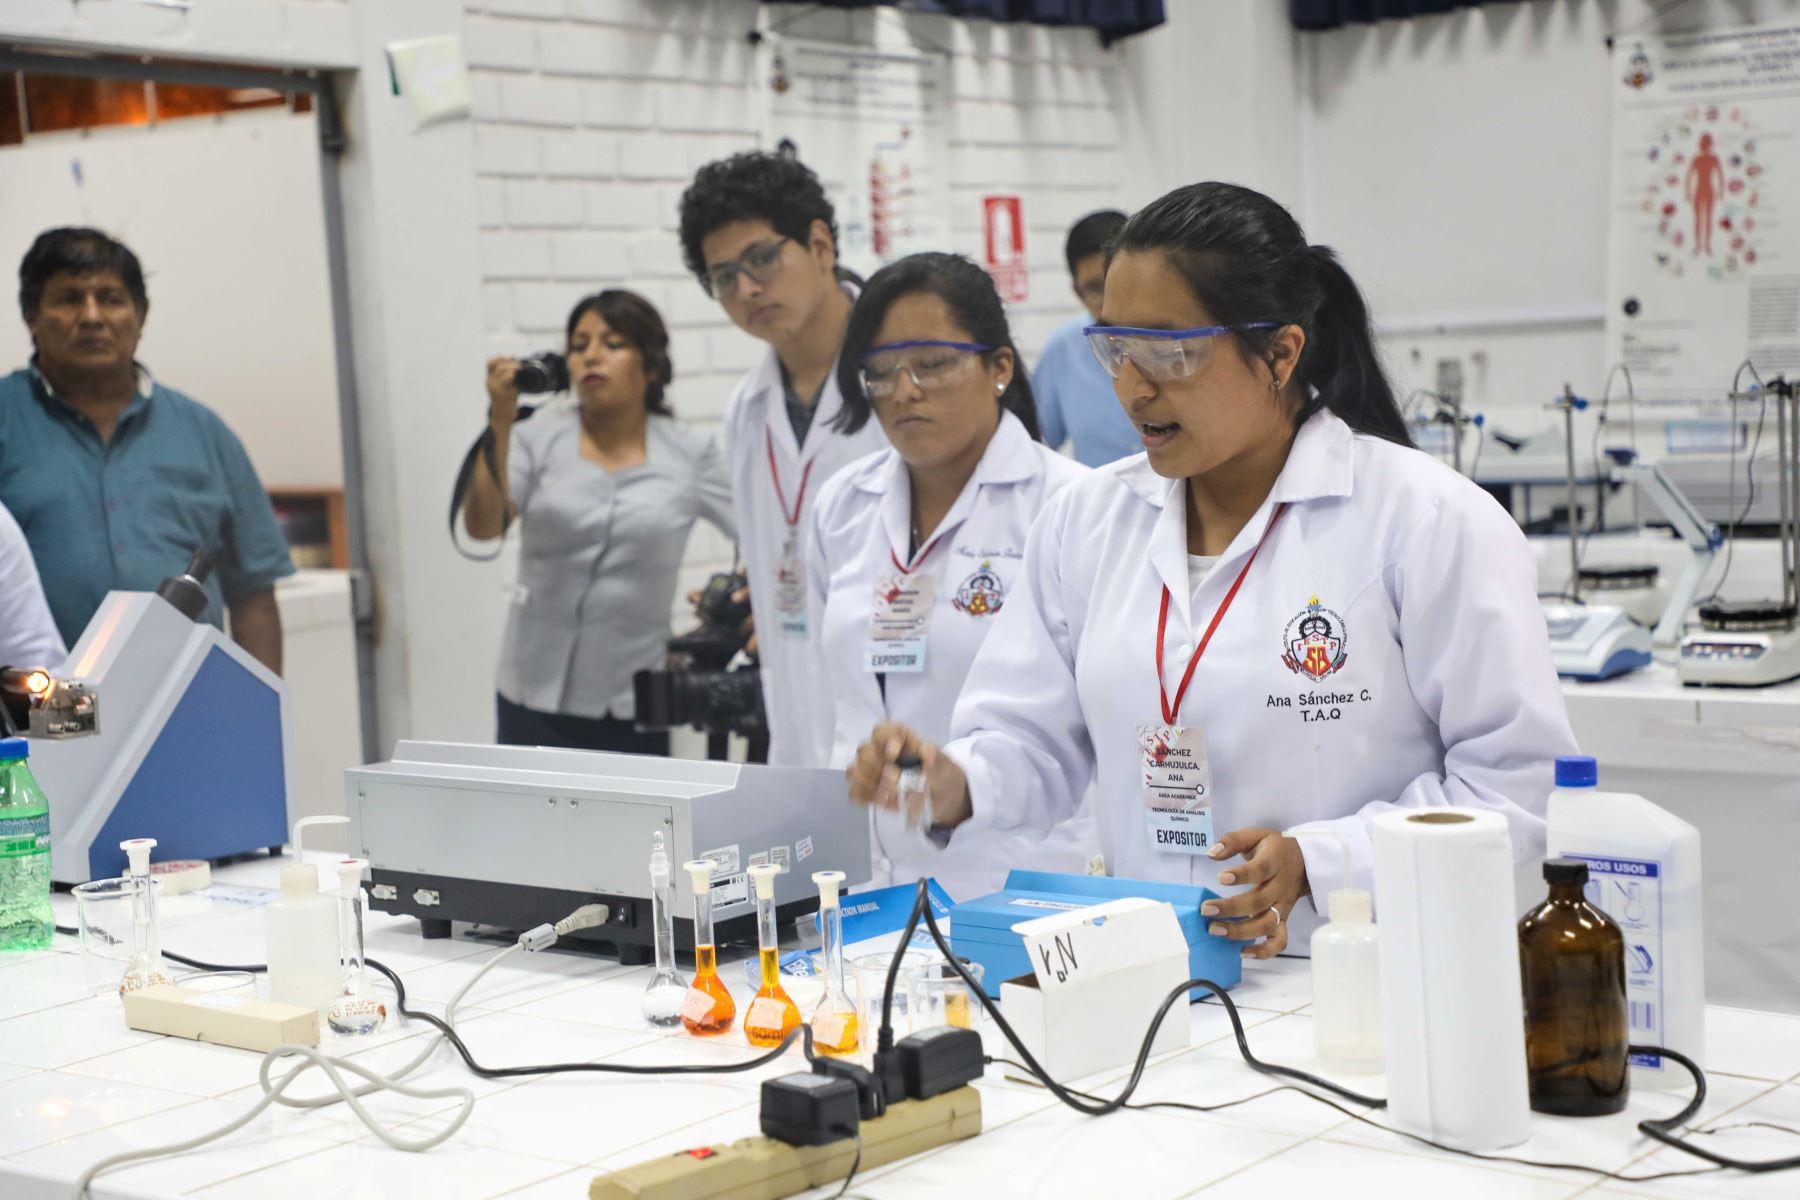 Laboratorio clínico. Foto: Minedu